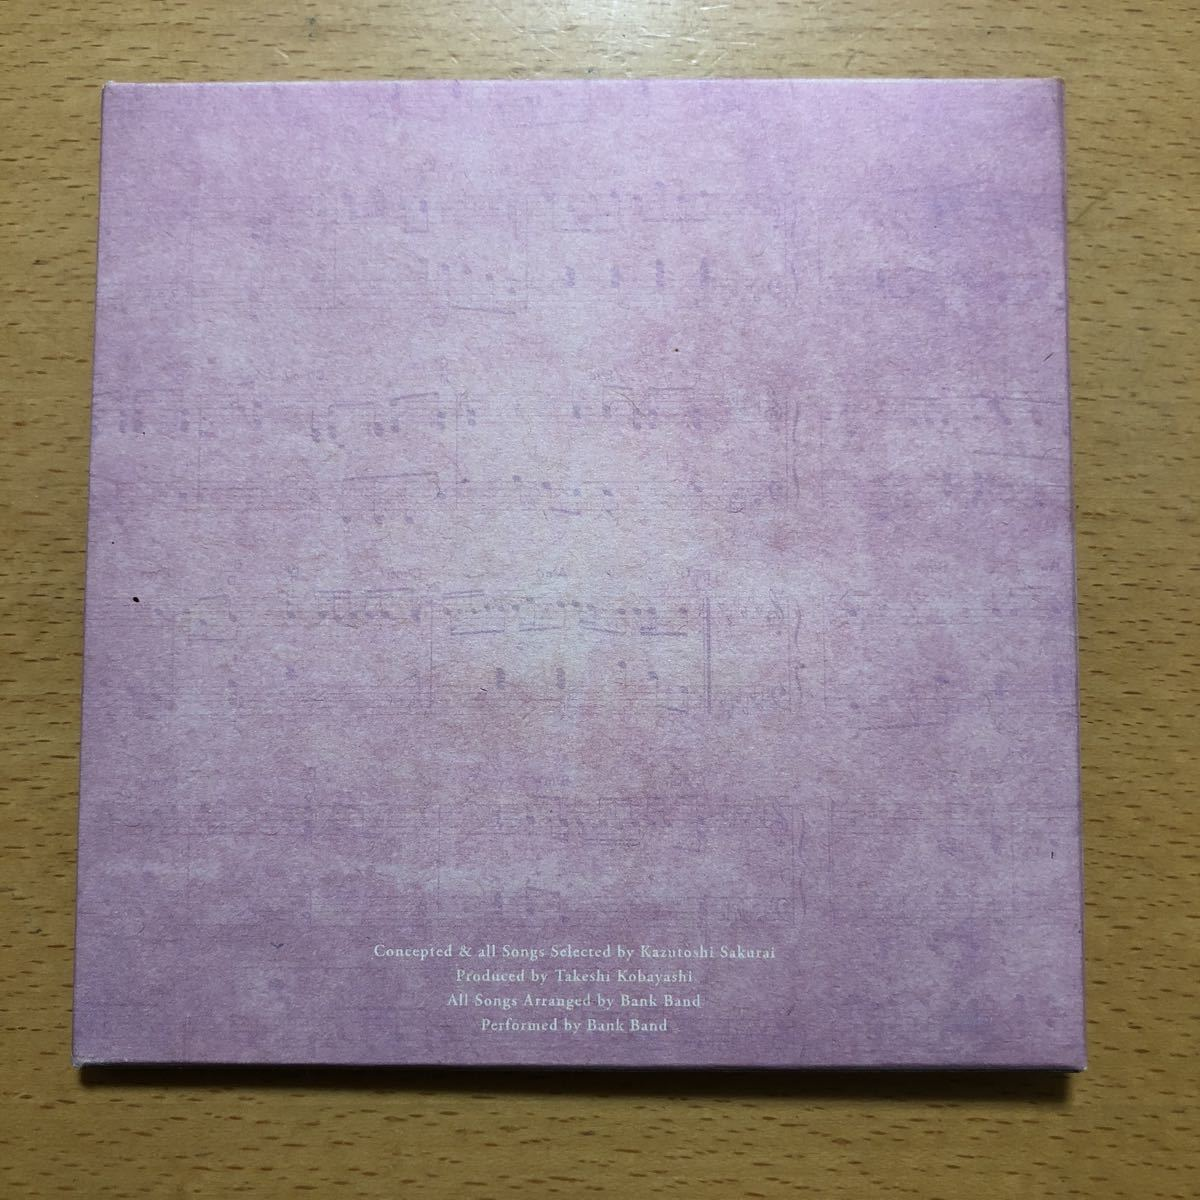 Bank Band『沿志奏逢 2』 CD☆美品☆アルバム☆Mr.Children☆ミスチル☆58_画像2